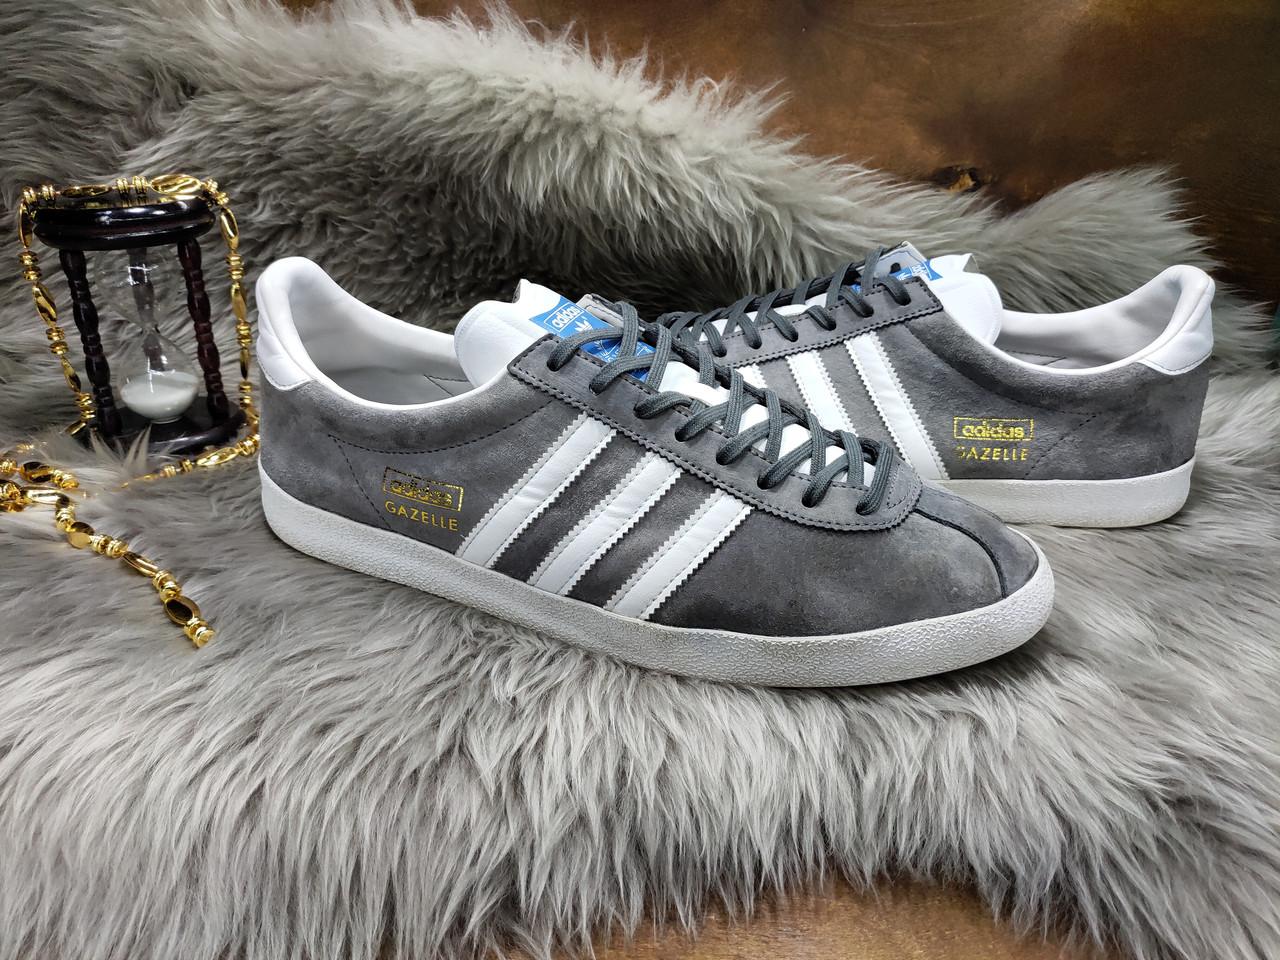 Мужские кроссовки Adidas Gazelle (45 размер) бу